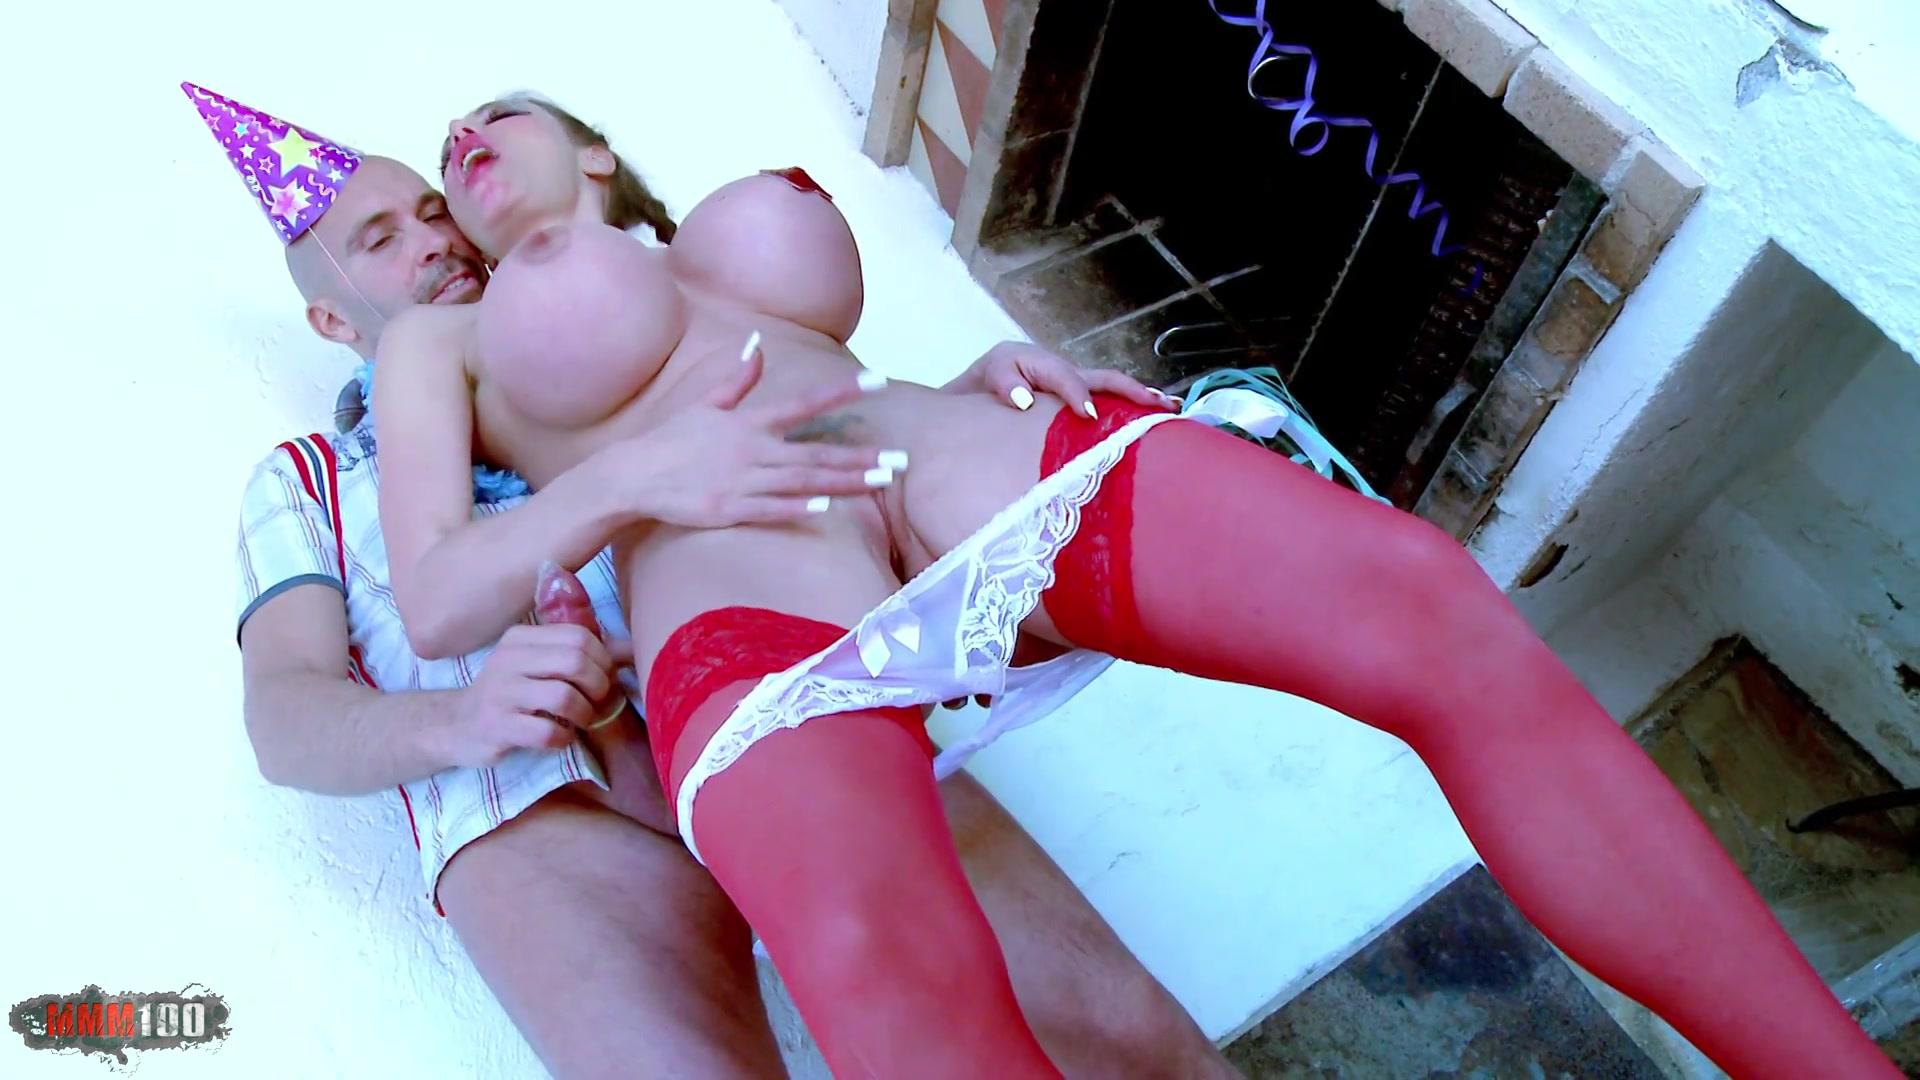 lena headey nude photos